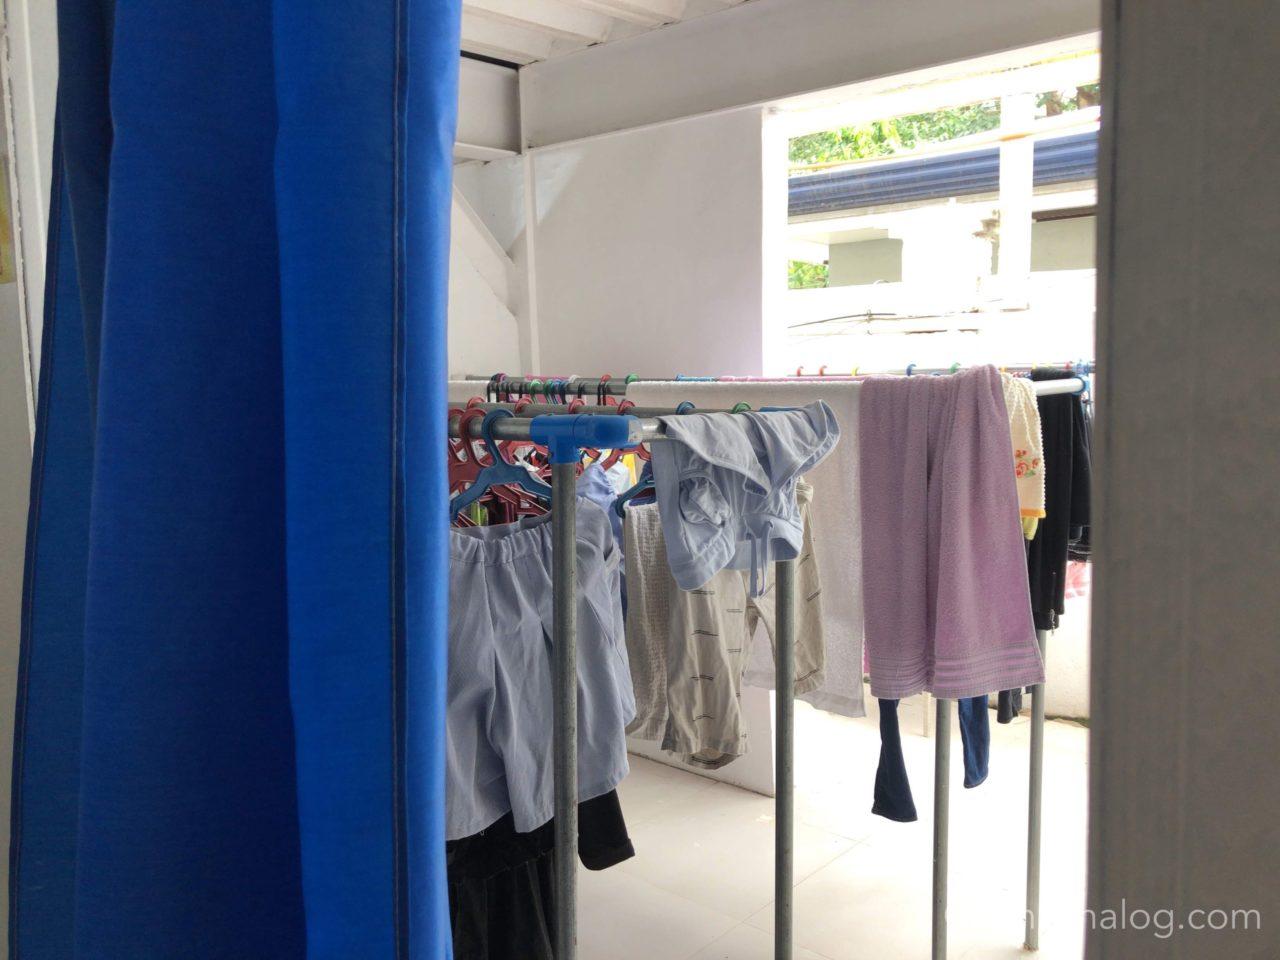 QQEnglishシーフロント校の洗濯事情